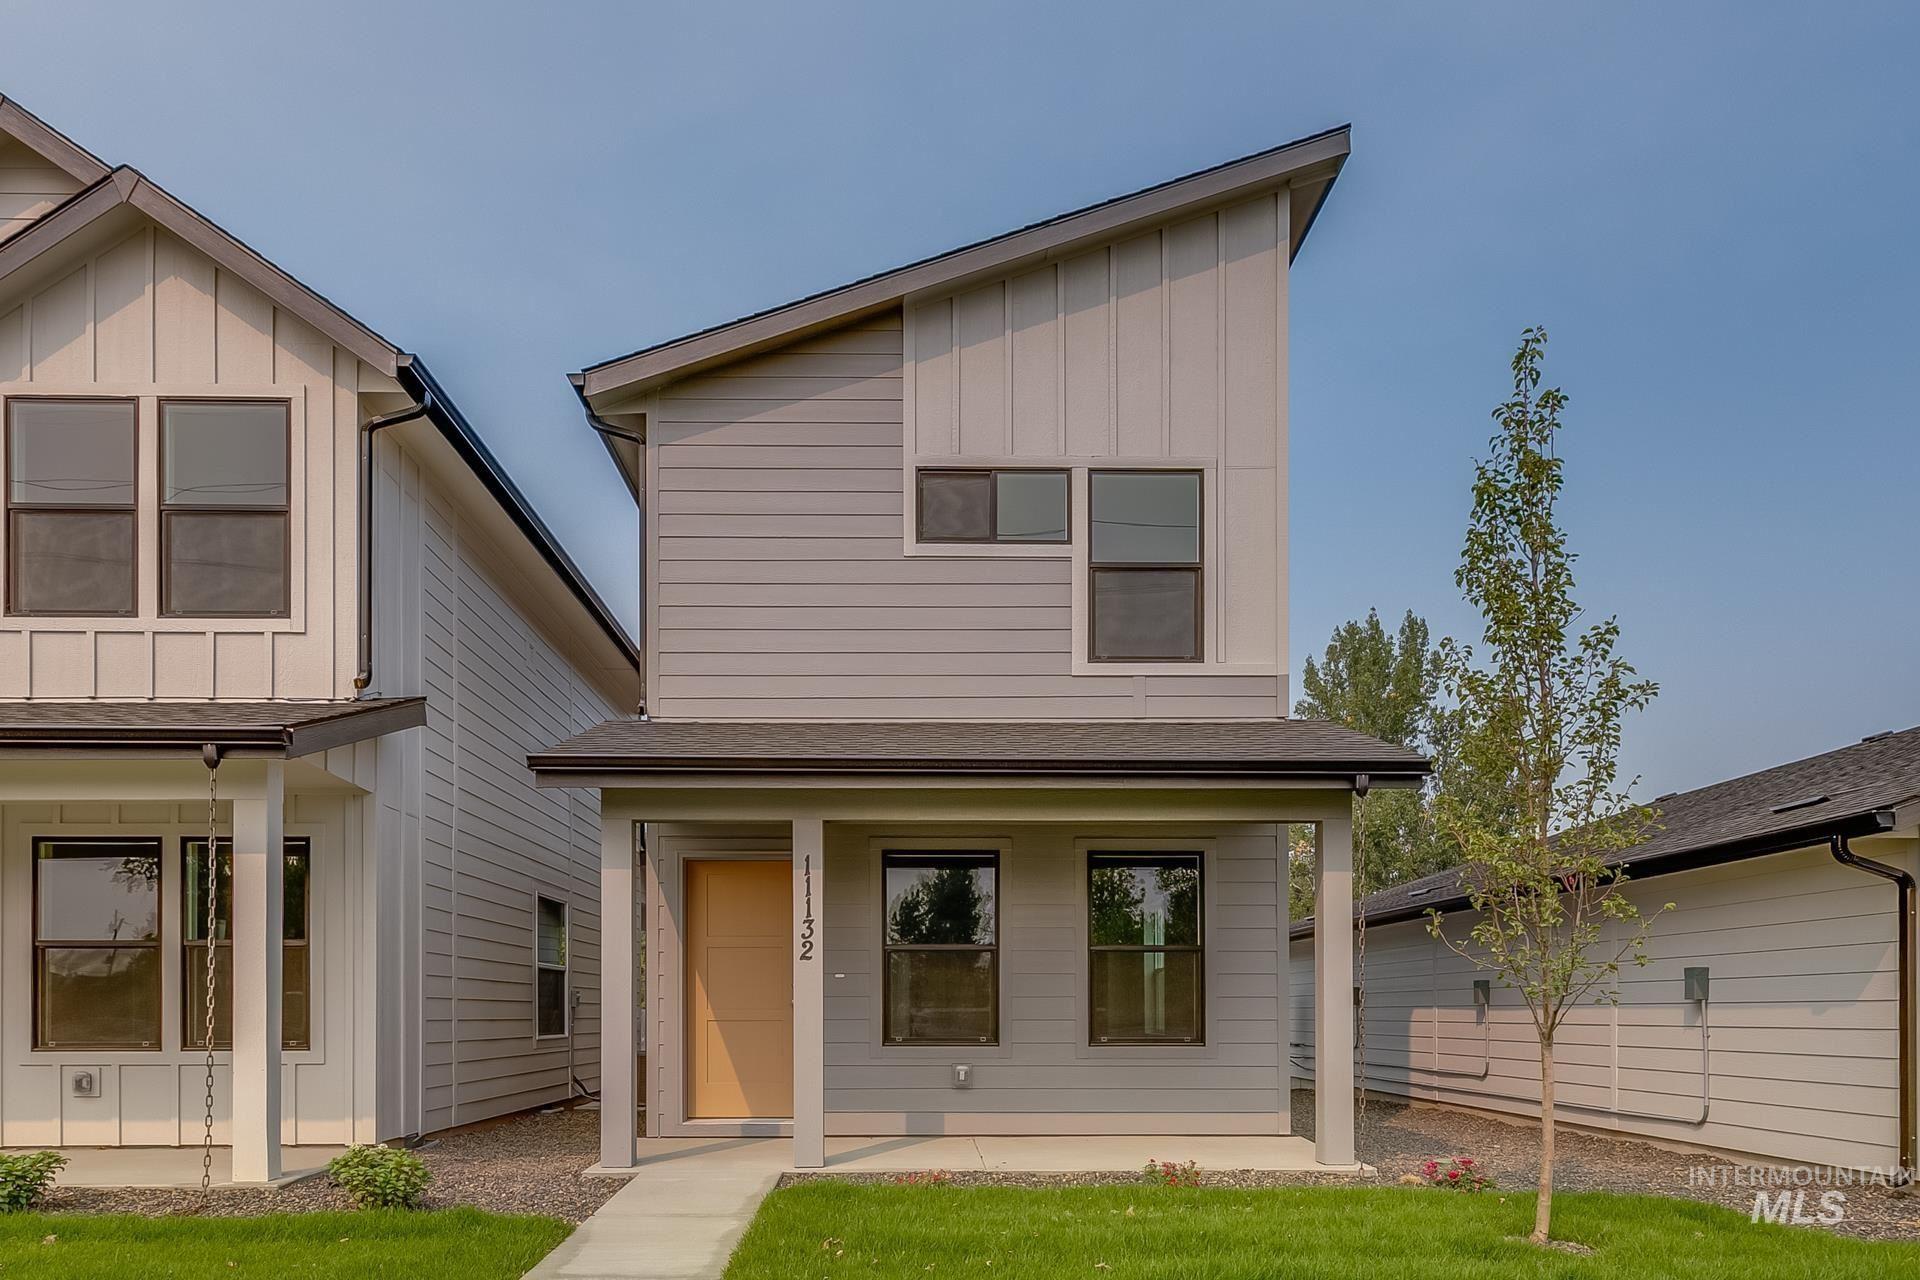 11132 W Ustick Rd, Boise, ID 83713-0000 - MLS#: 98817466